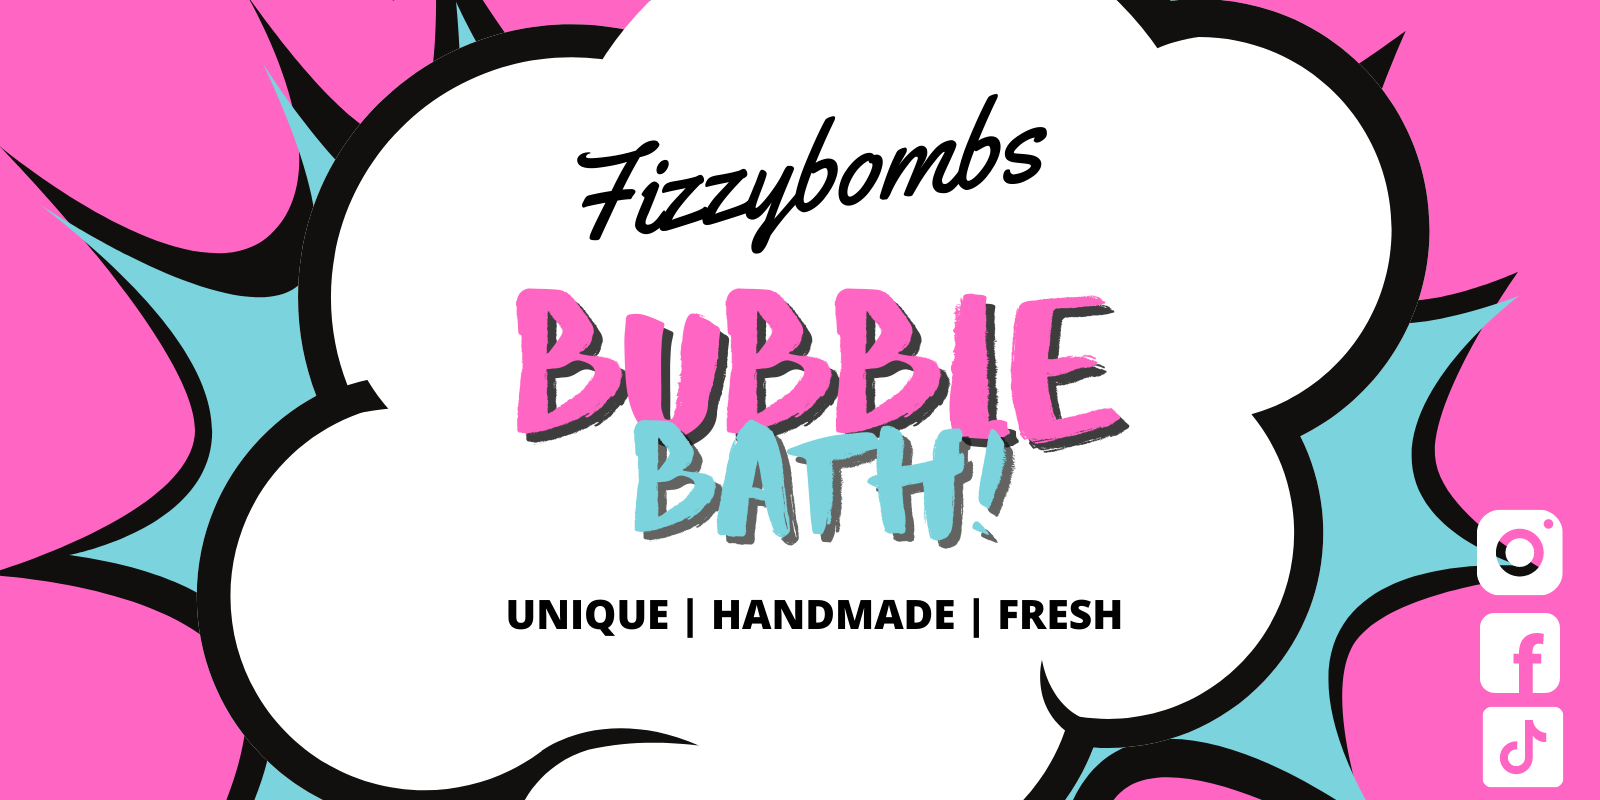 BUBBLE BATH